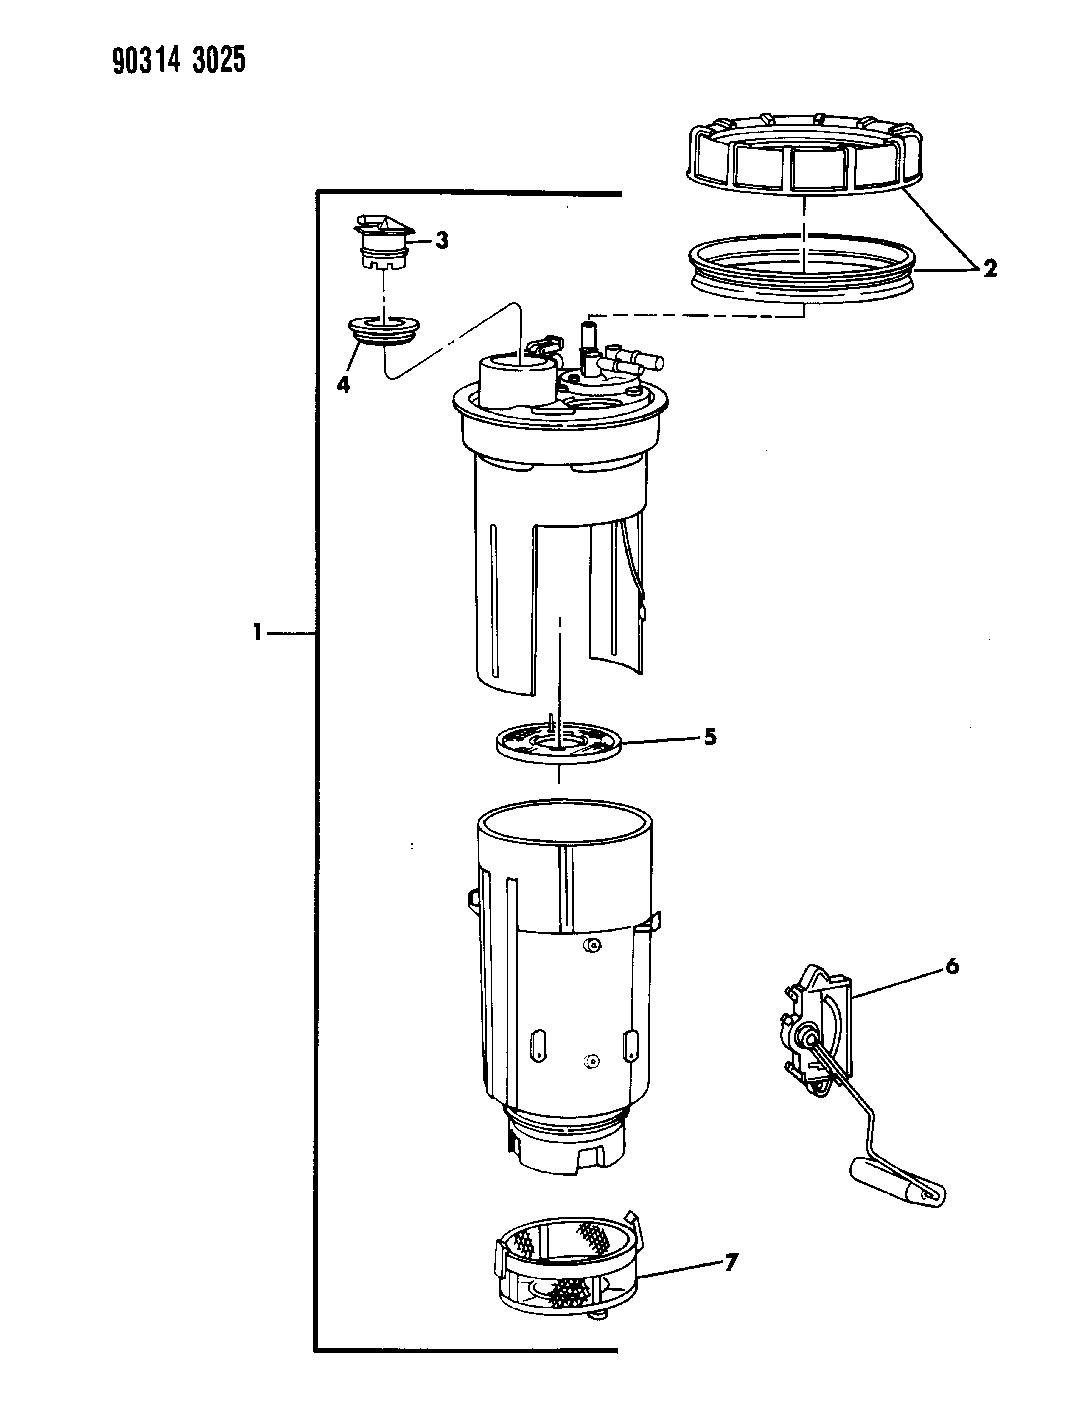 1993 dodge d250 fuel reservoir  u0026 level unit